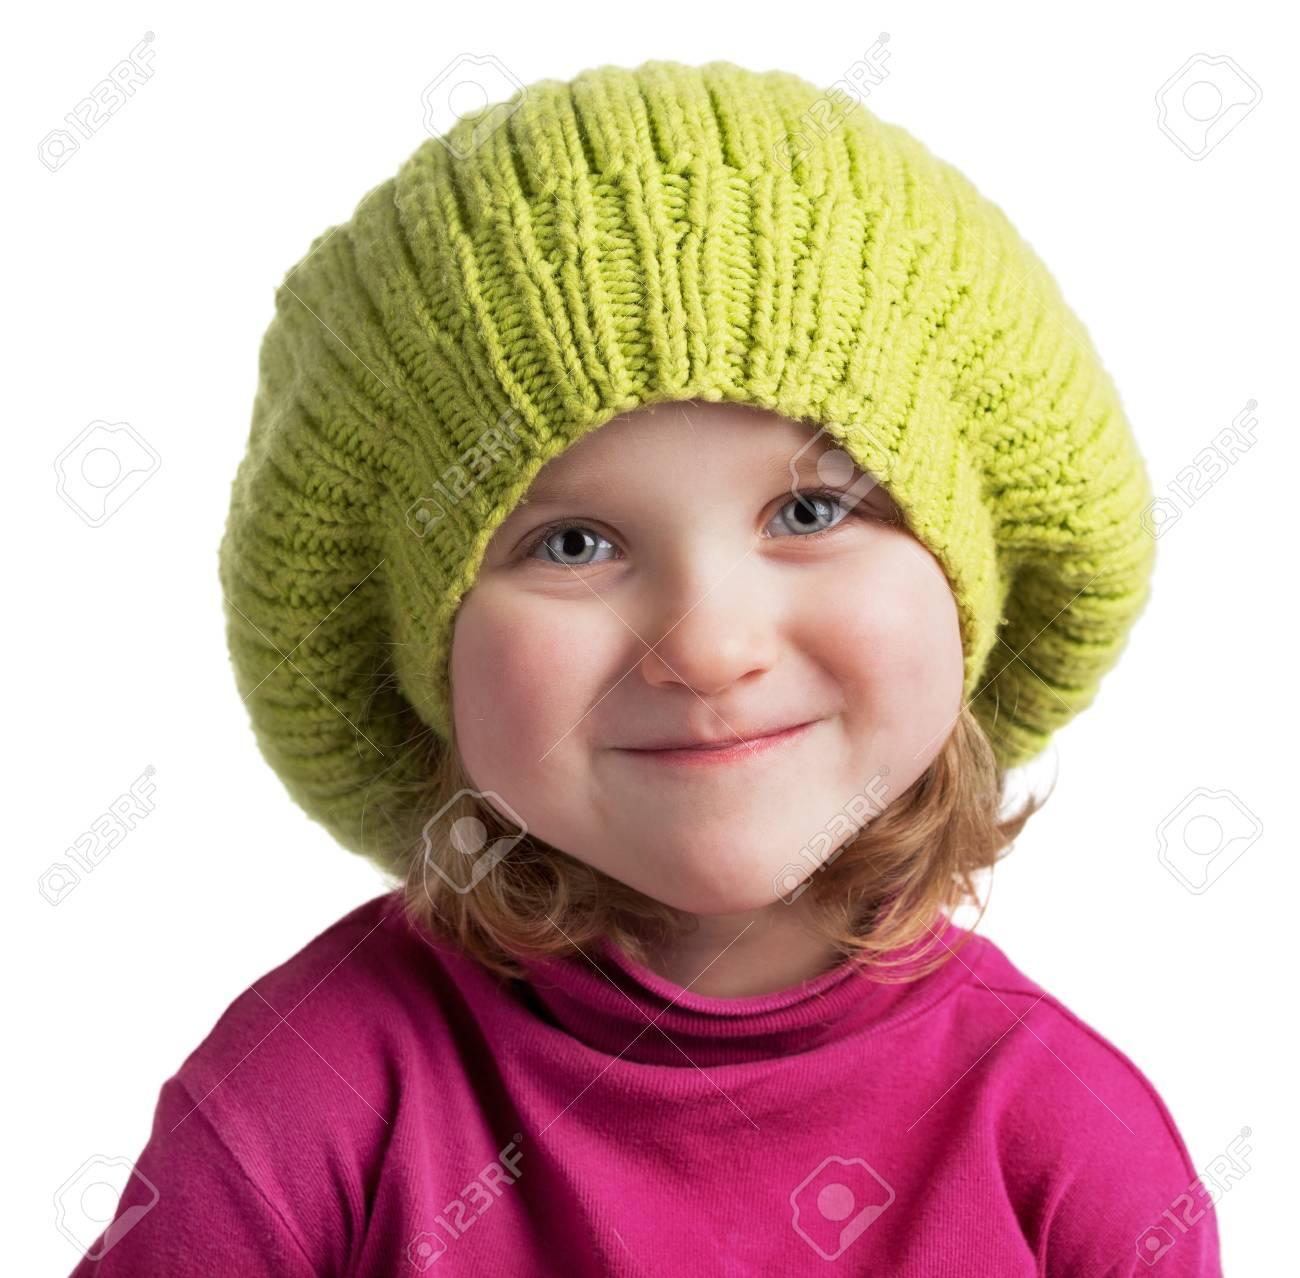 d122a6a3b7b0d Foto de archivo - Niña feliz en un gorro de lana verde